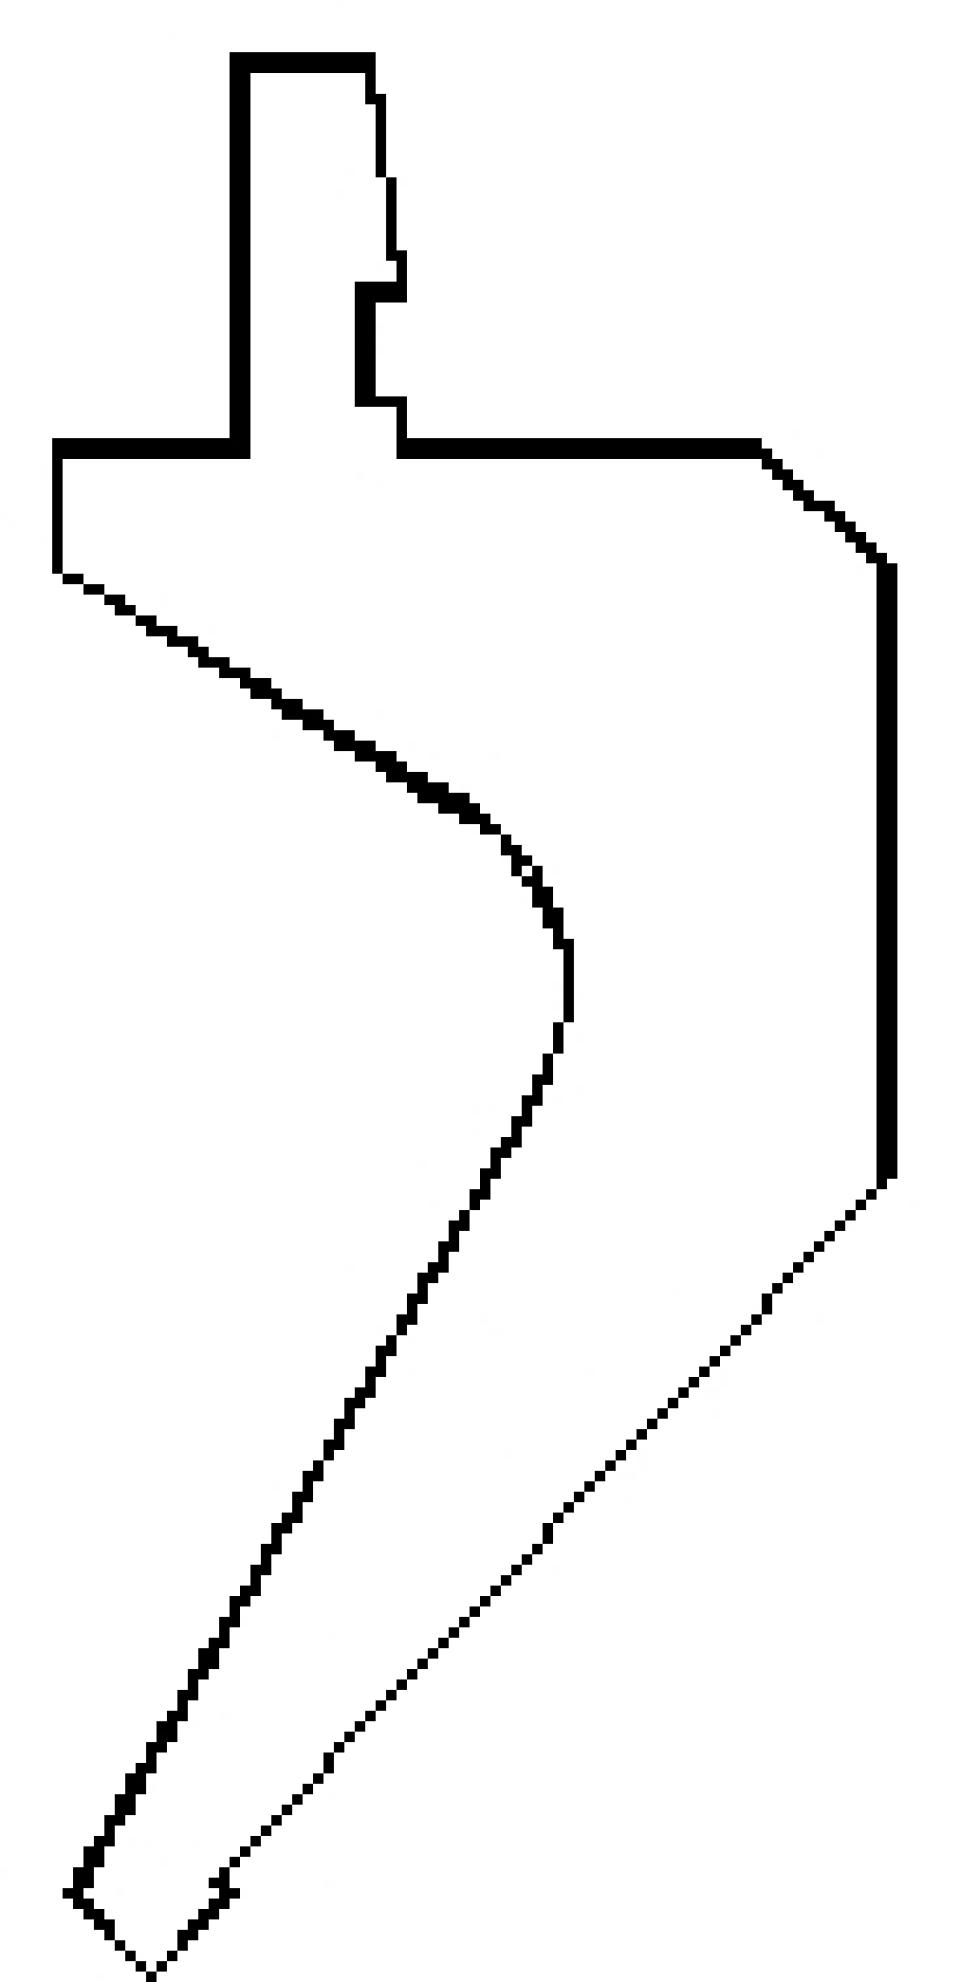 鹅劲型弯刀47(52)